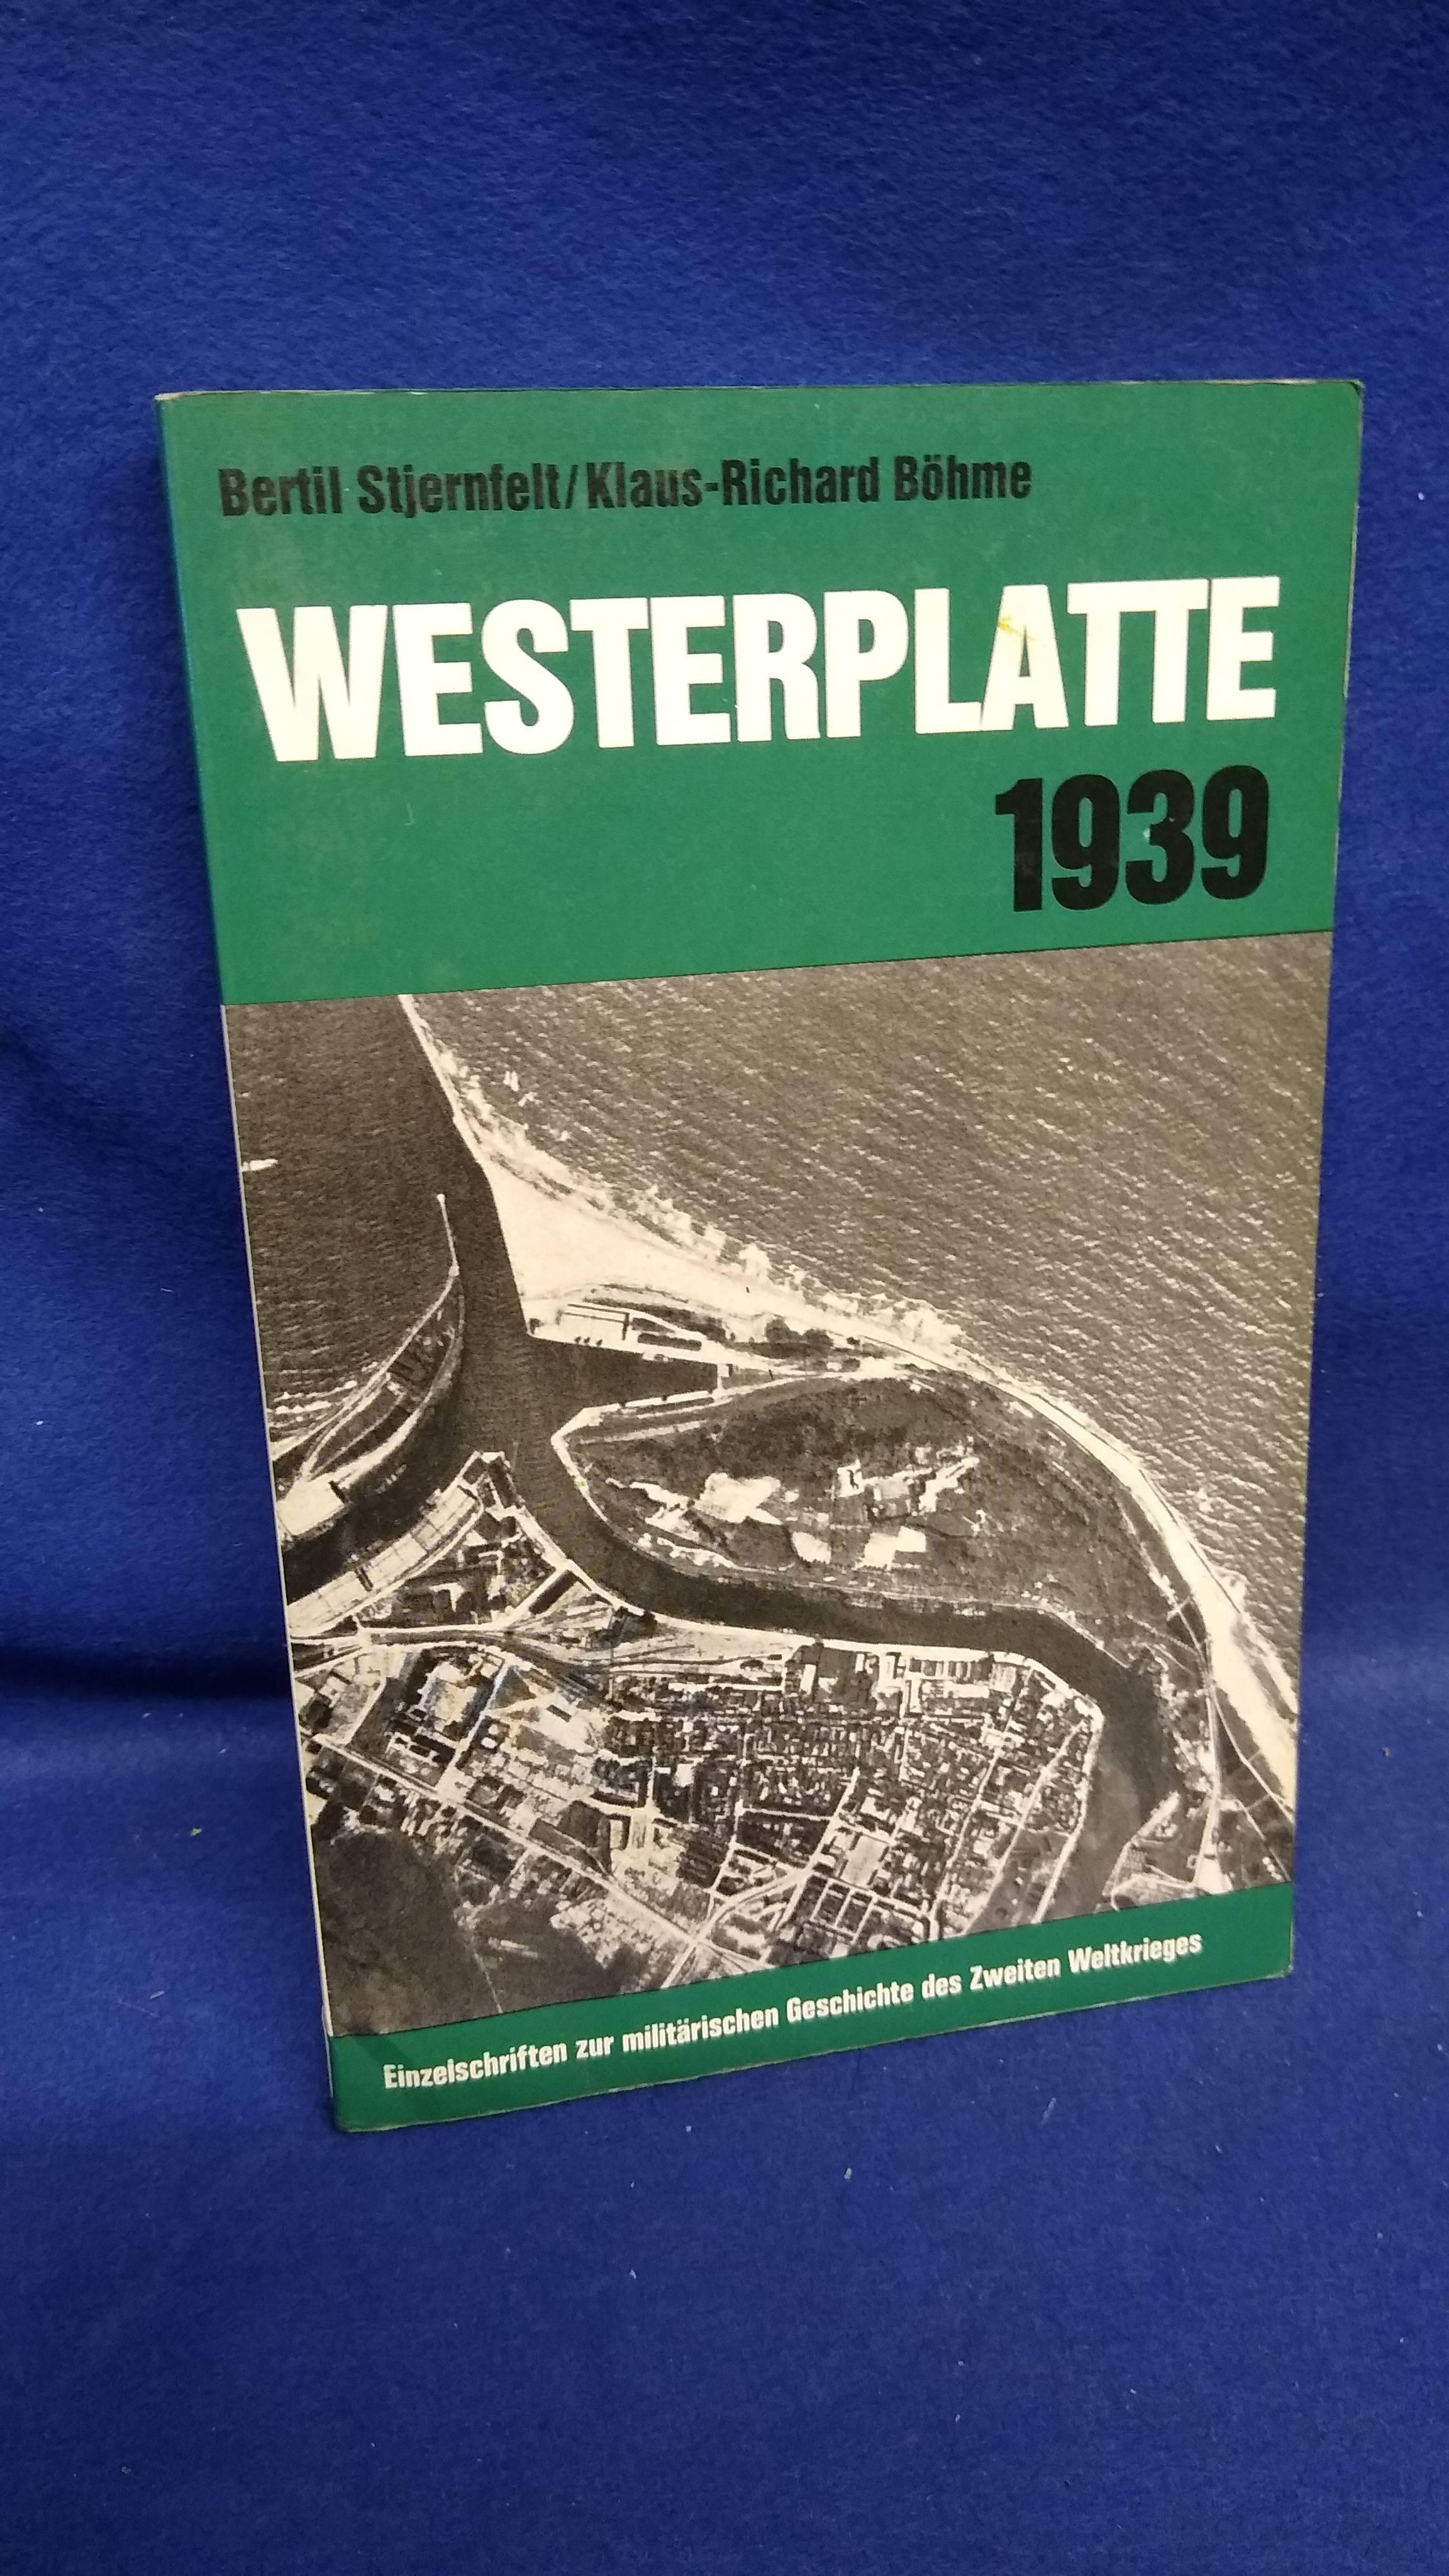 Einzelschriften zur militärischen Geschichte des 2. Weltkrieges, Band 23: Westernplatte 1939